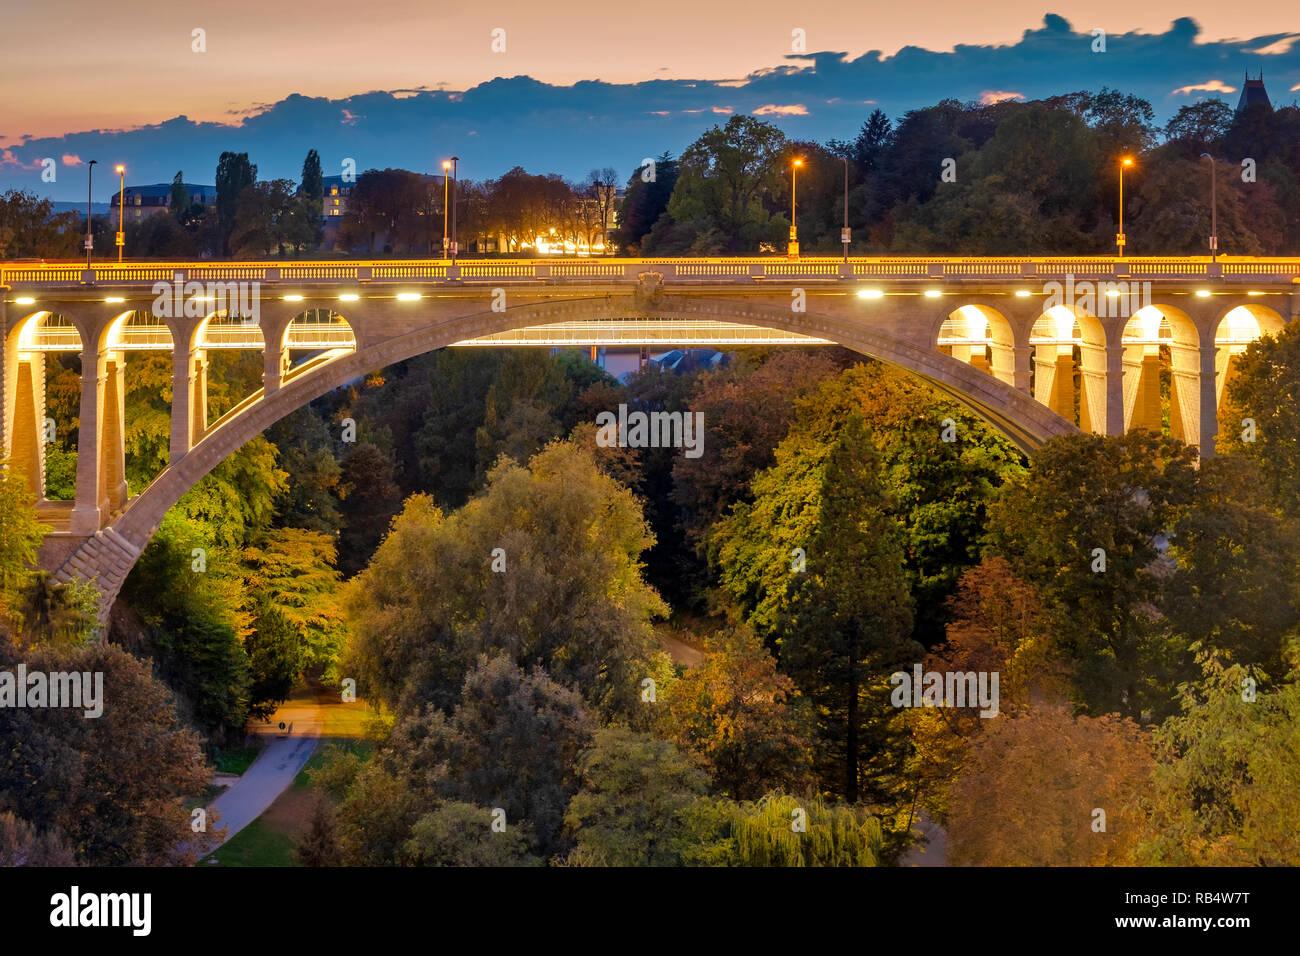 Adolphe Brücke ist eine Bogenbrücke in Luxemburg Stadt, im Süden von Luxemburg. Stockbild